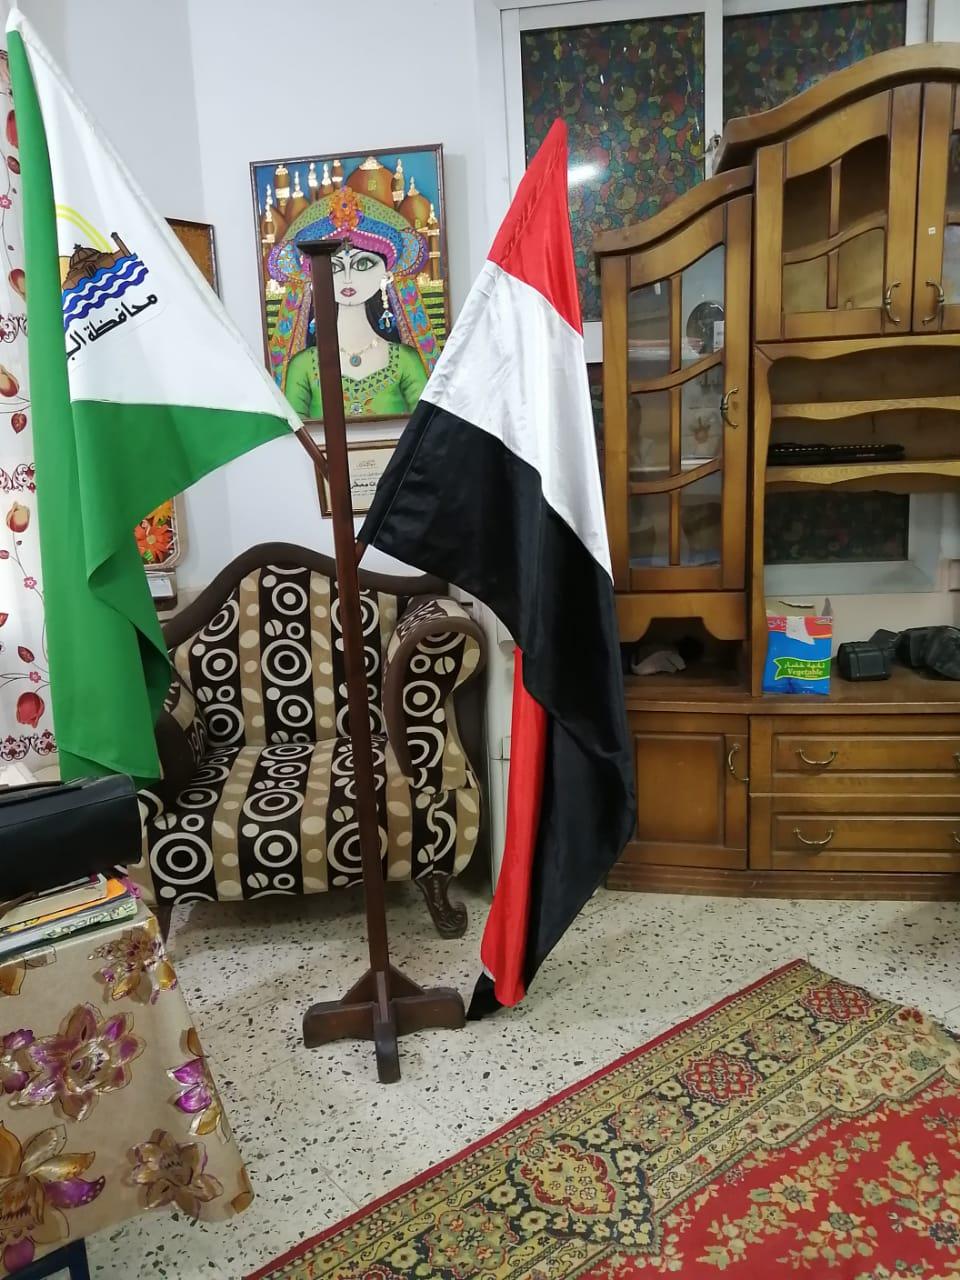 مدارس الجيزة تتزين بالأعلام استعدادا للعام الدراسي الجديد (8)